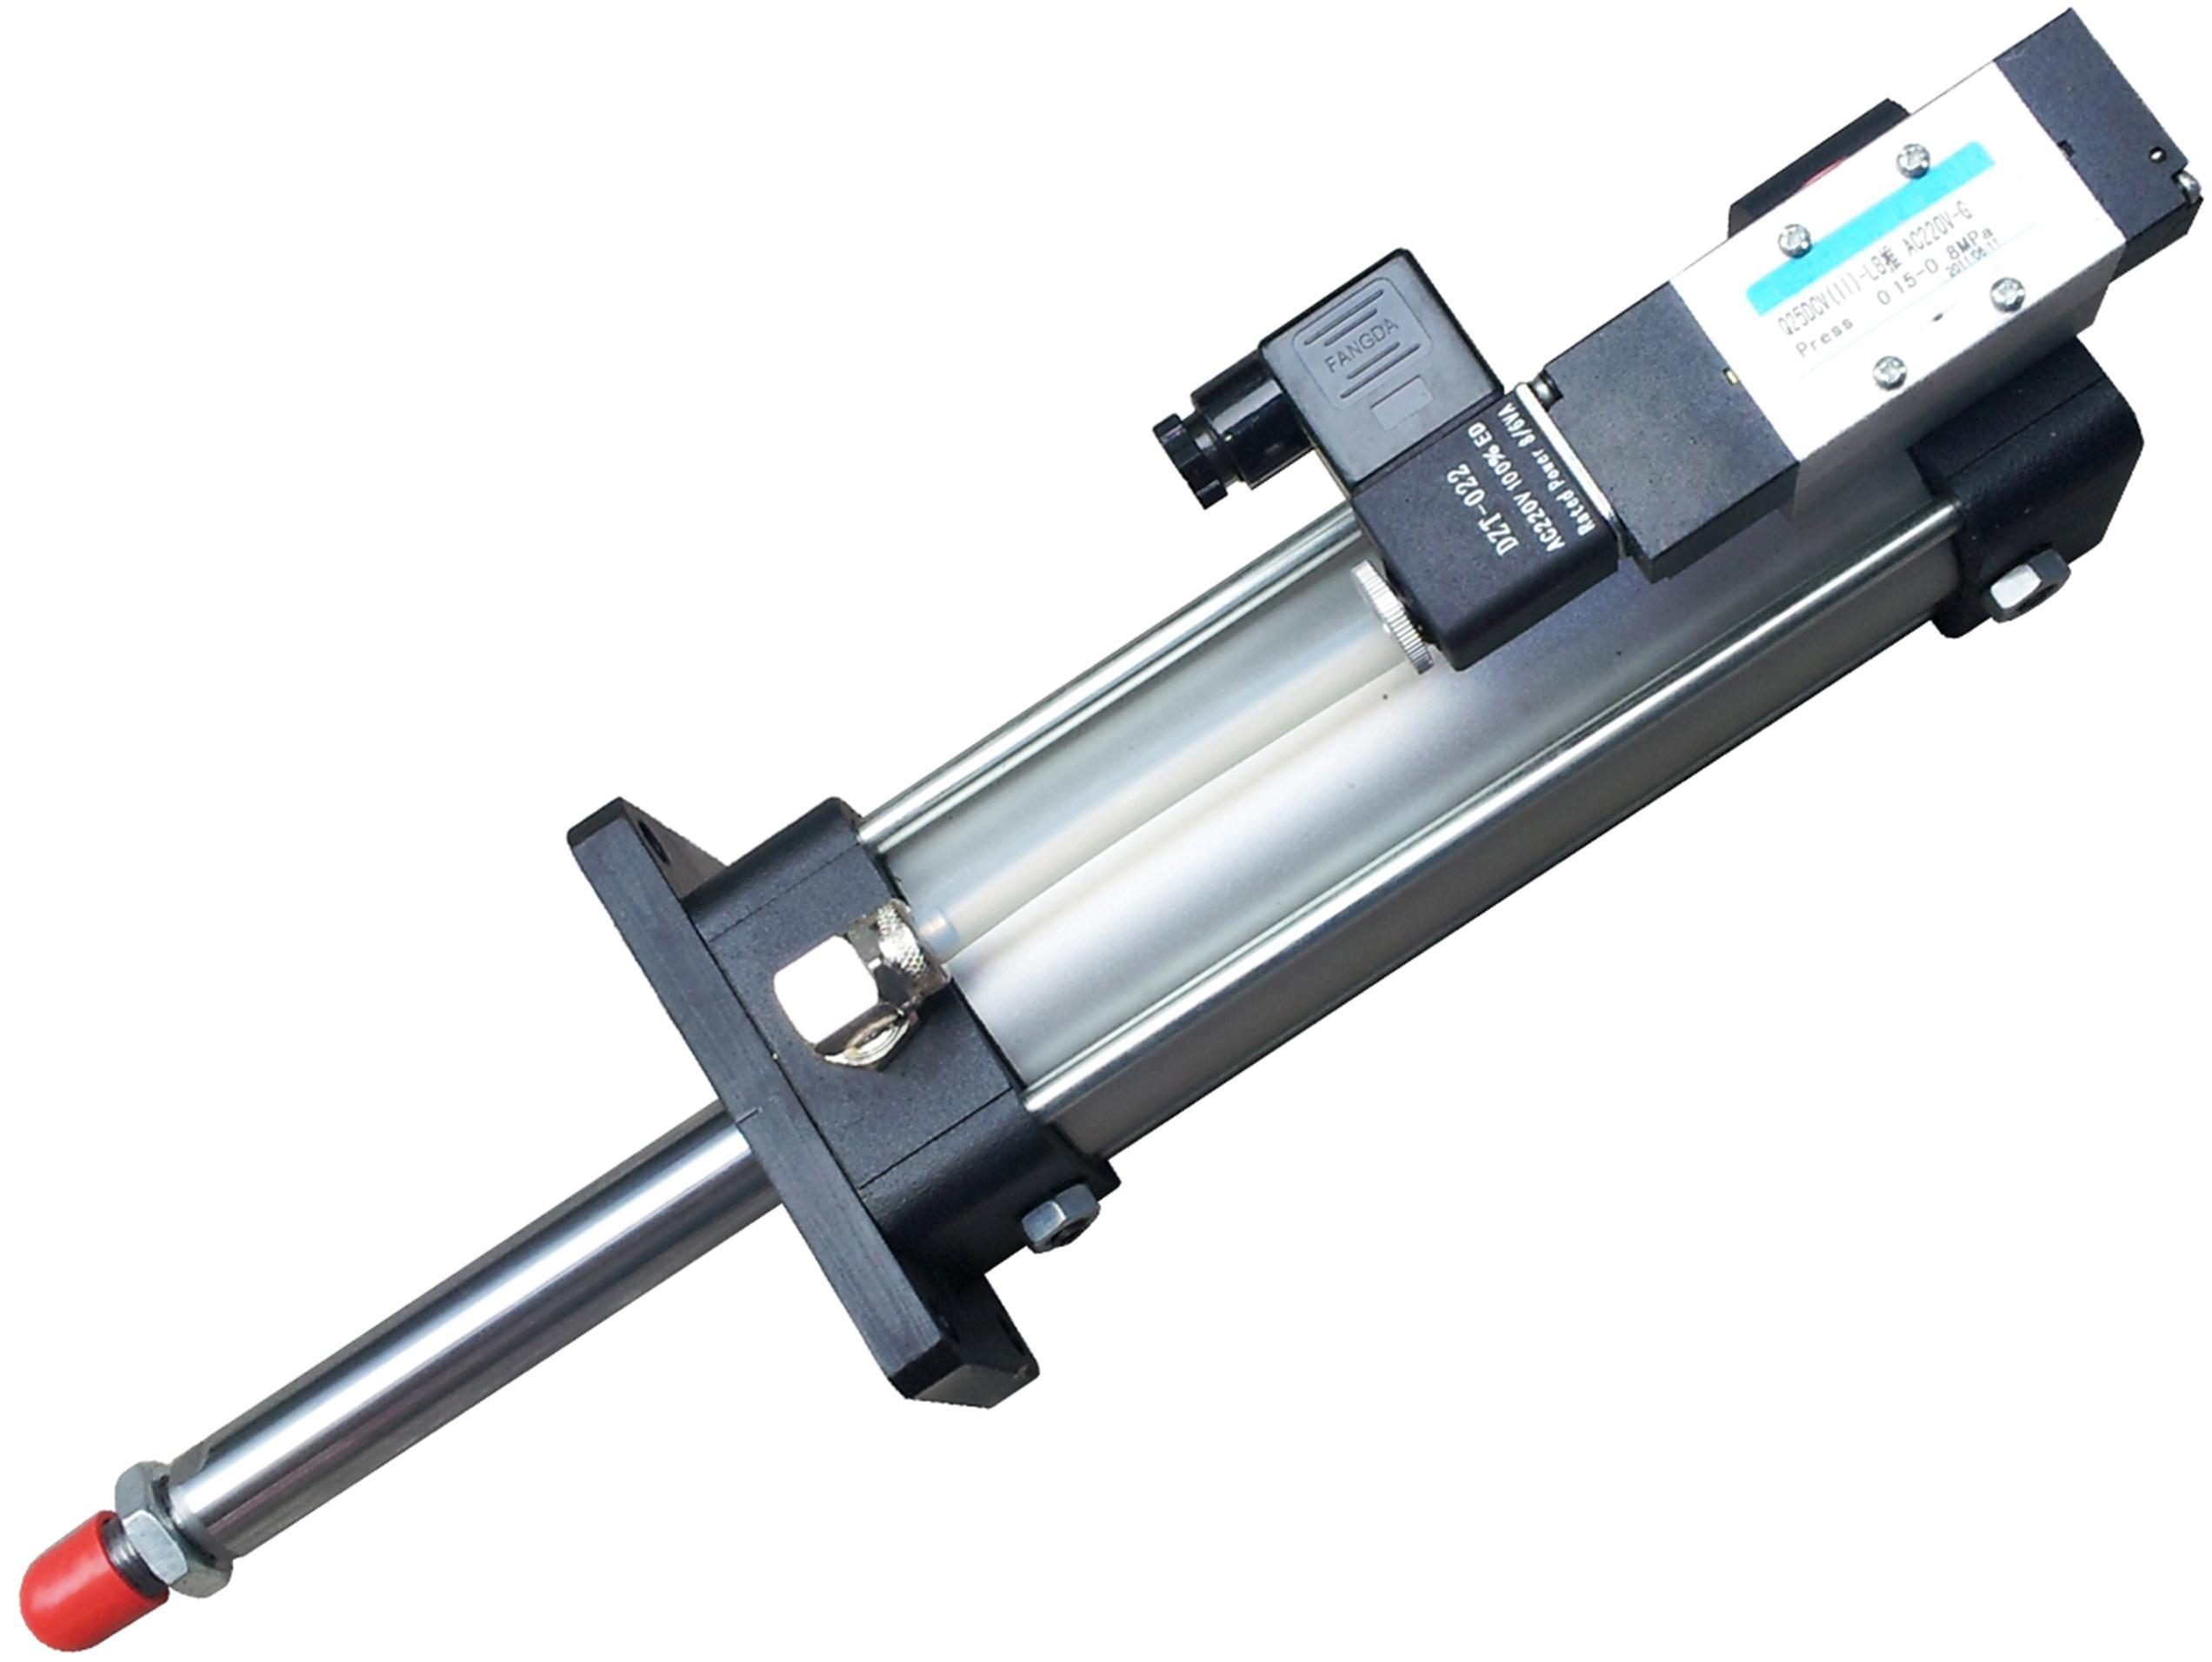 行業應用氣缸供應廠家-專業的行業應用氣缸供應商